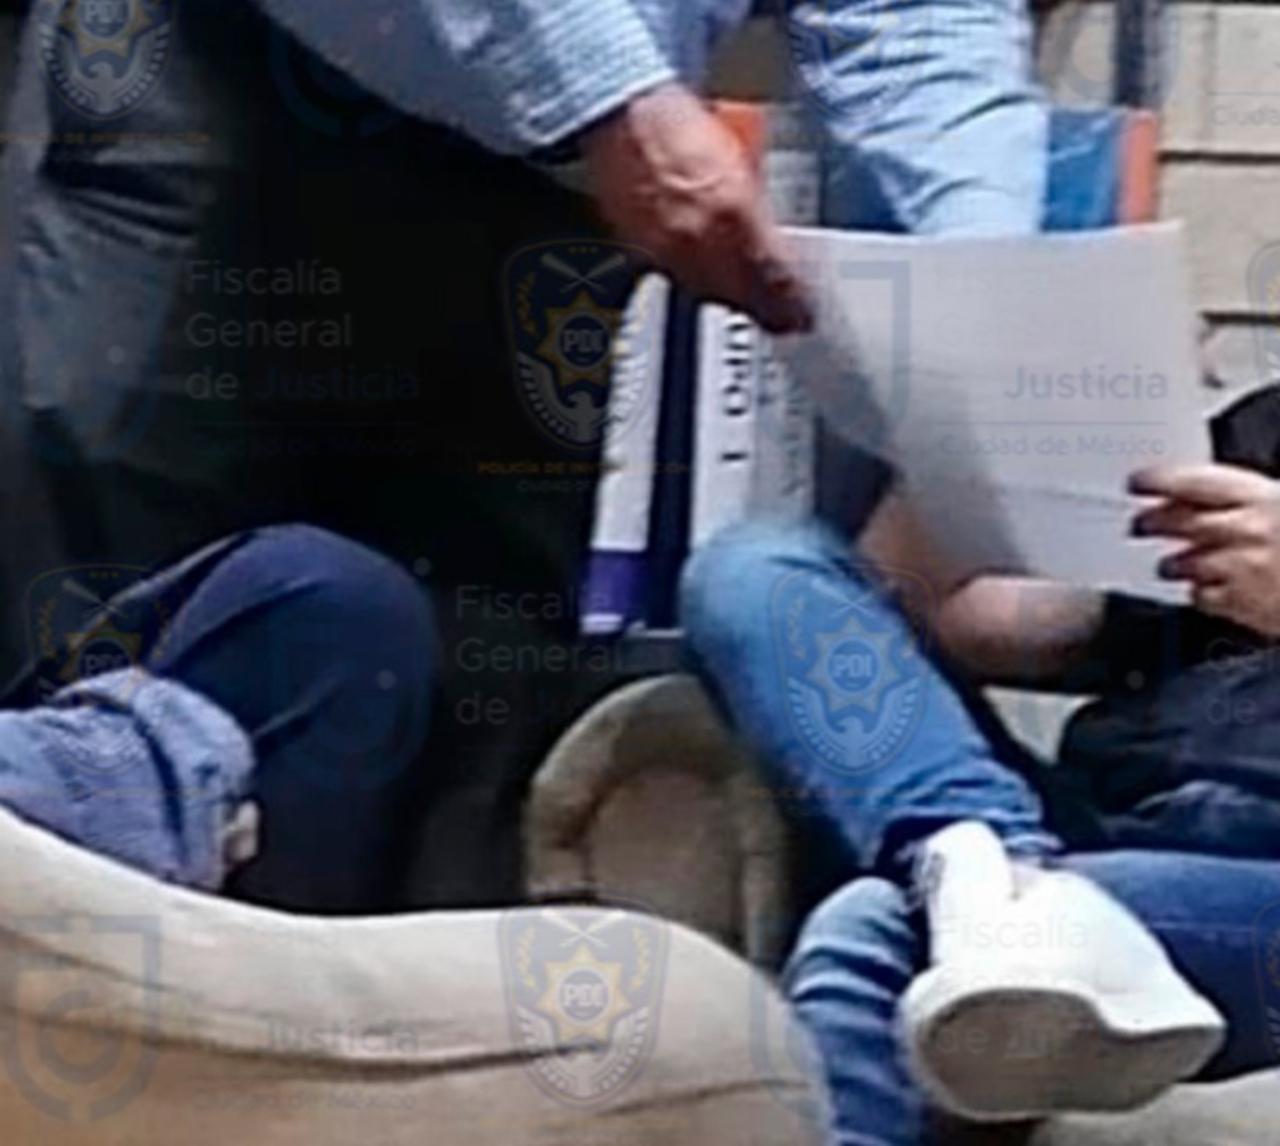 Carlos es capturado por la agresión sexual a Ainara; van 3 detenciones